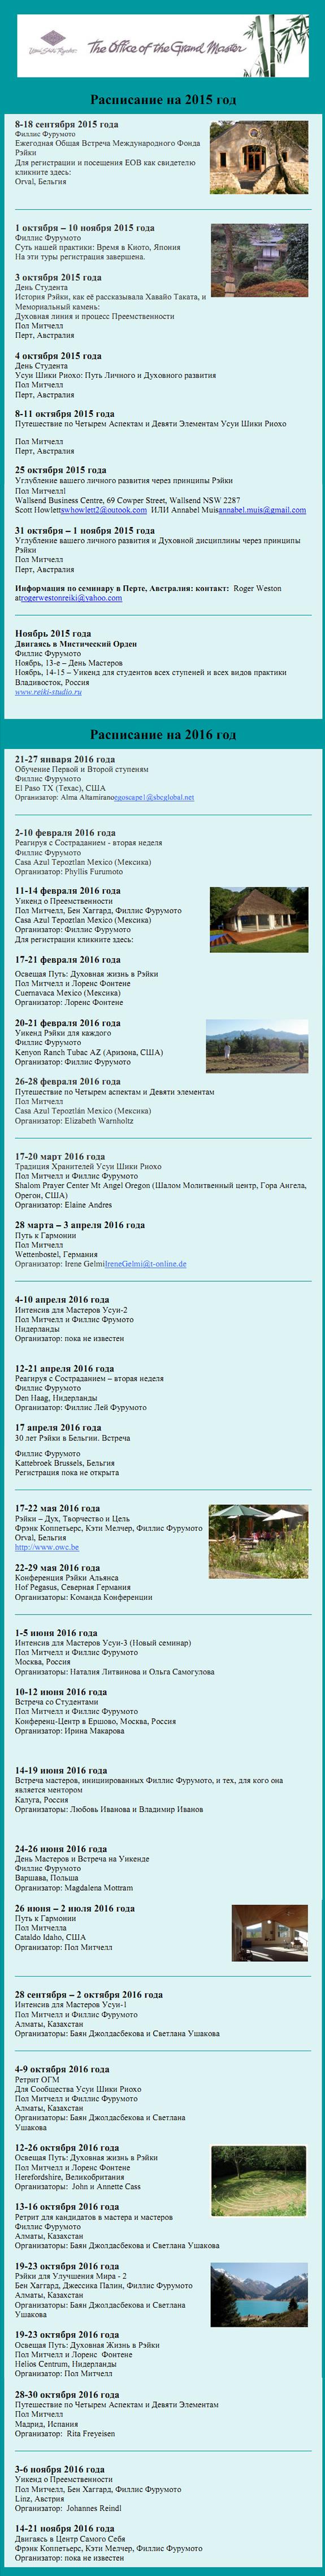 Расписание Филлис Лей Фурумото на 2015 и 2016 годы